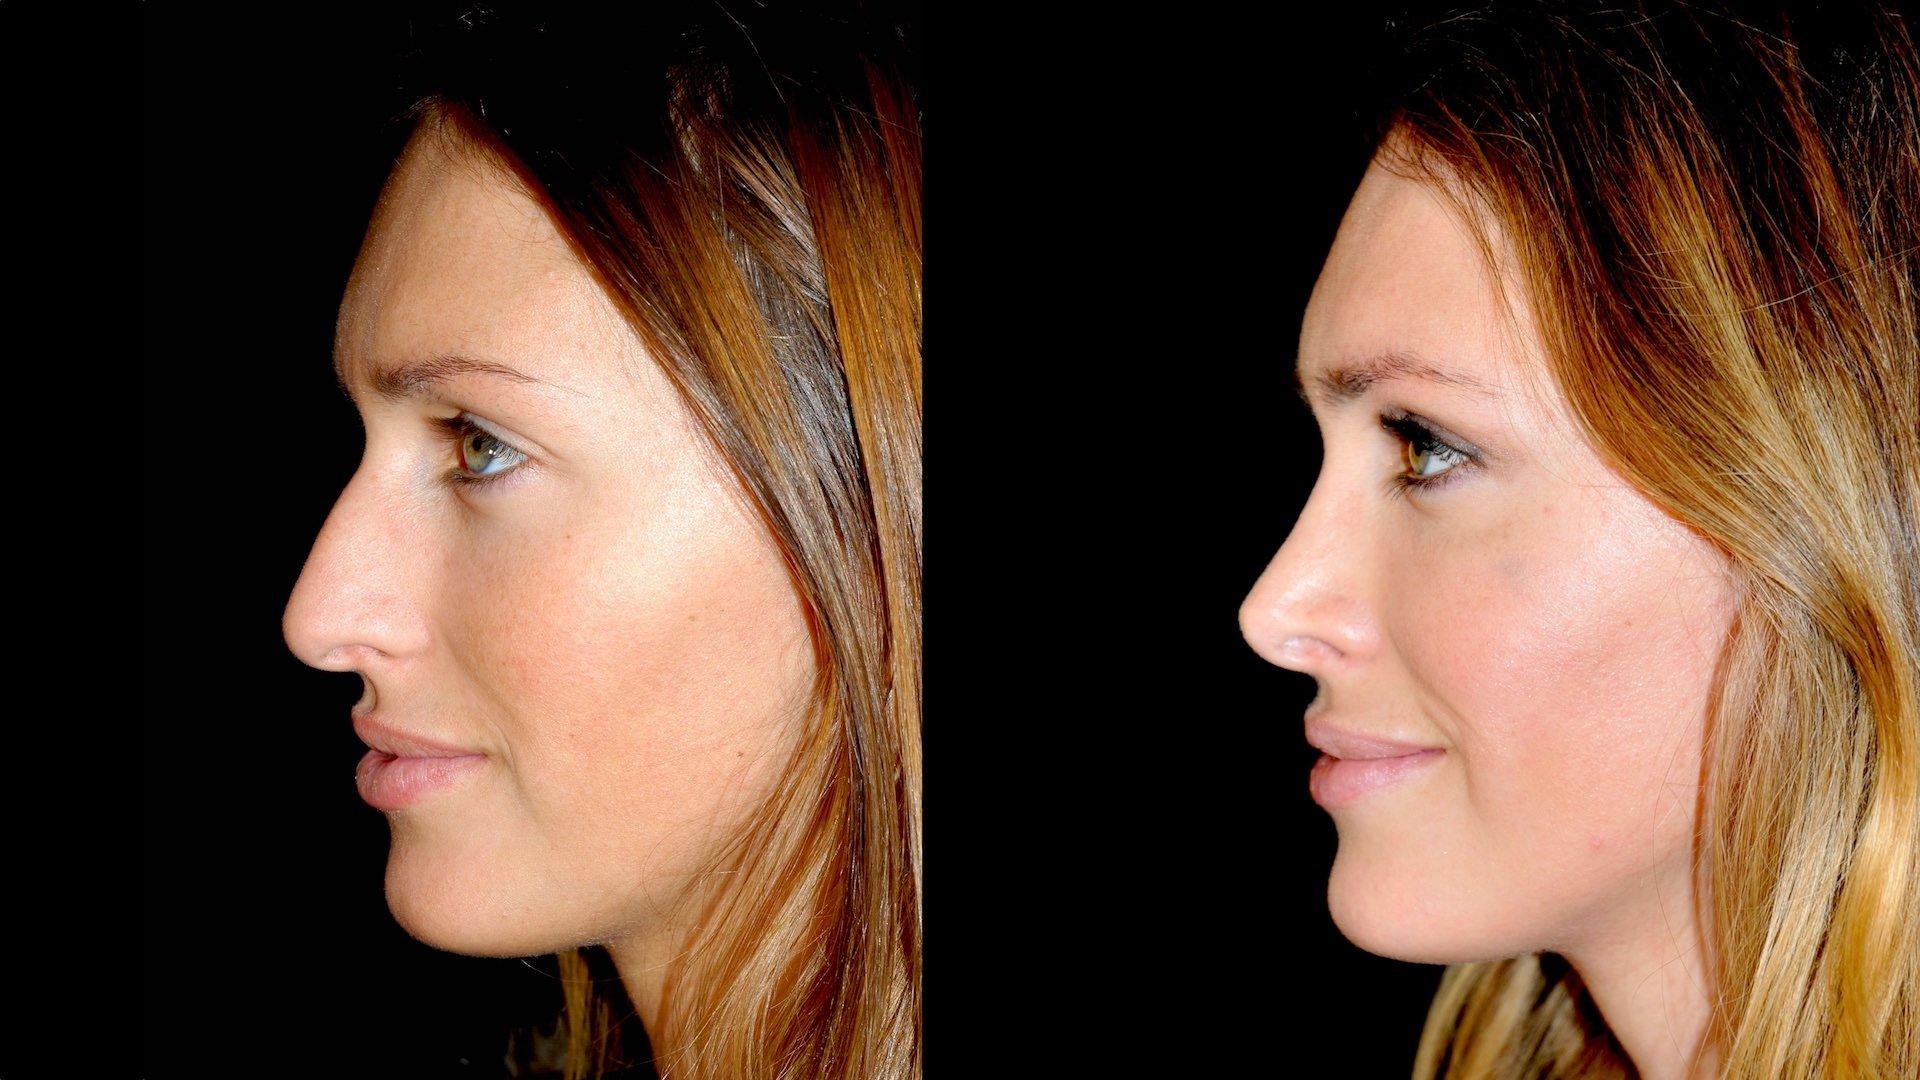 Antes e depos de face com nariz desproporcional corrigido por cirurgião plástico otorrinolaringologista que reposicionam estruturas nasais para rejuvenescimento facial na Clínica Ibérico Nogueira